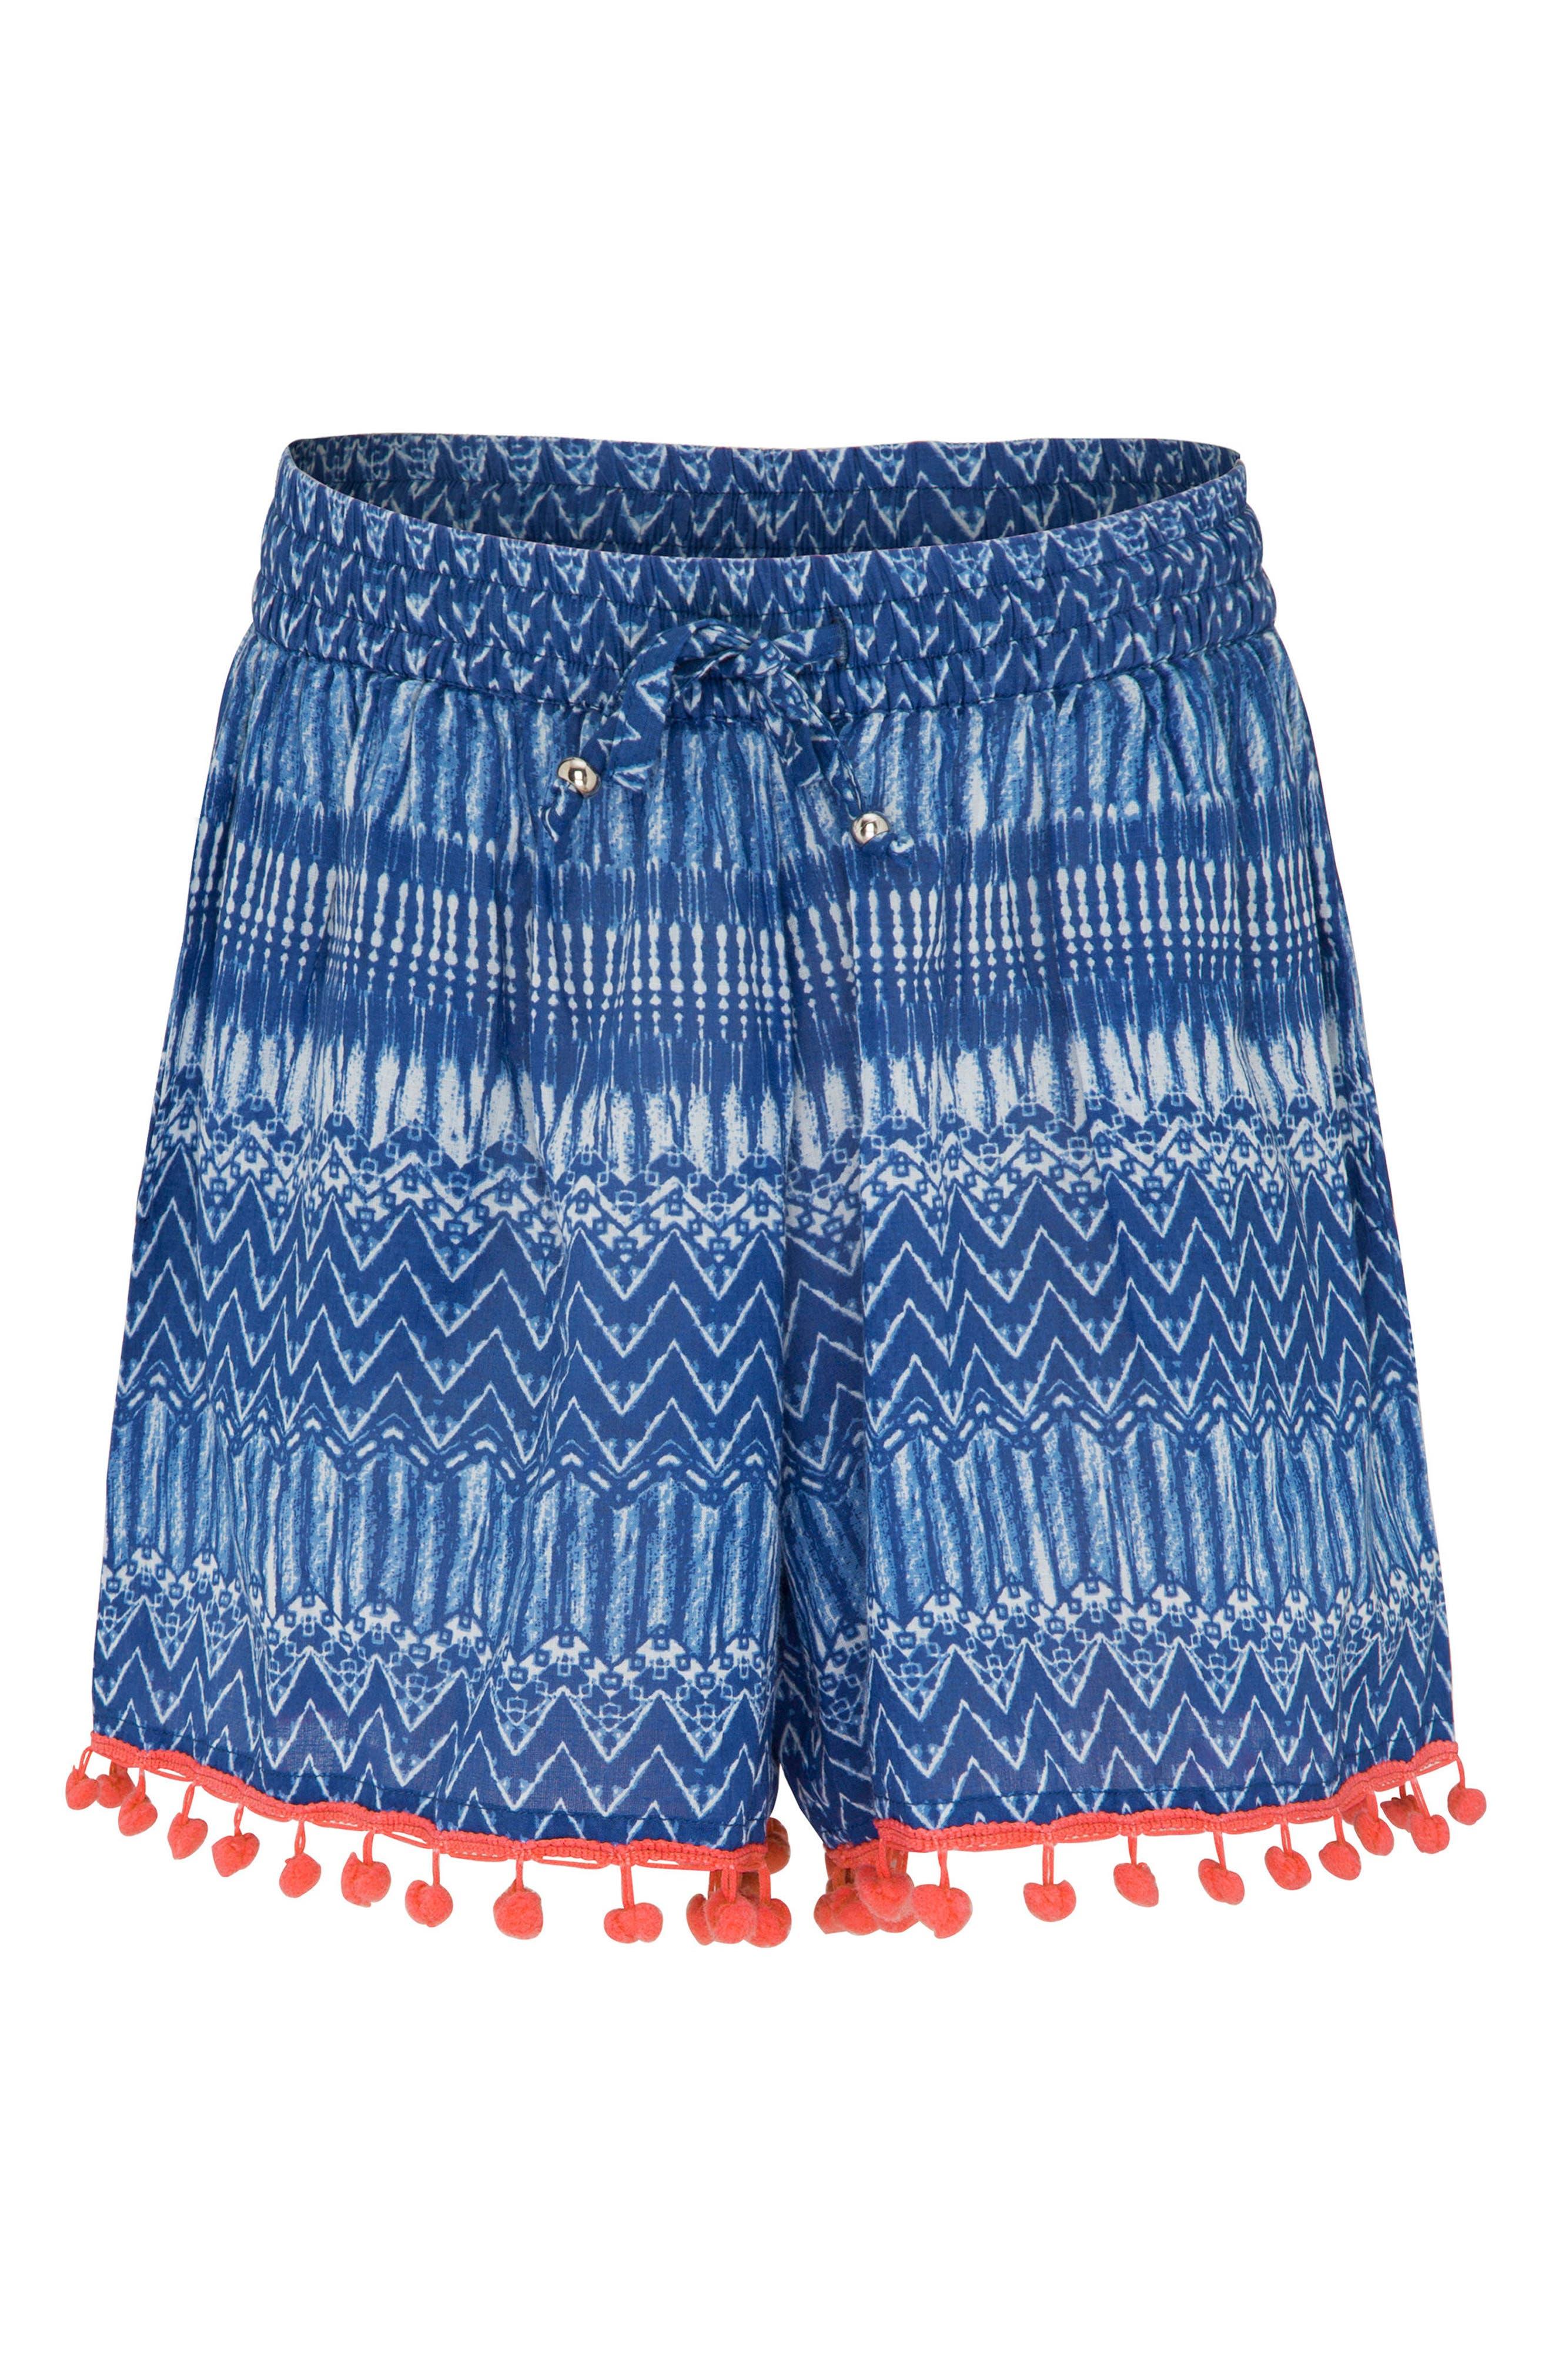 Print Cover-Up Shorts,                             Main thumbnail 1, color,                             INDIGO WAVES